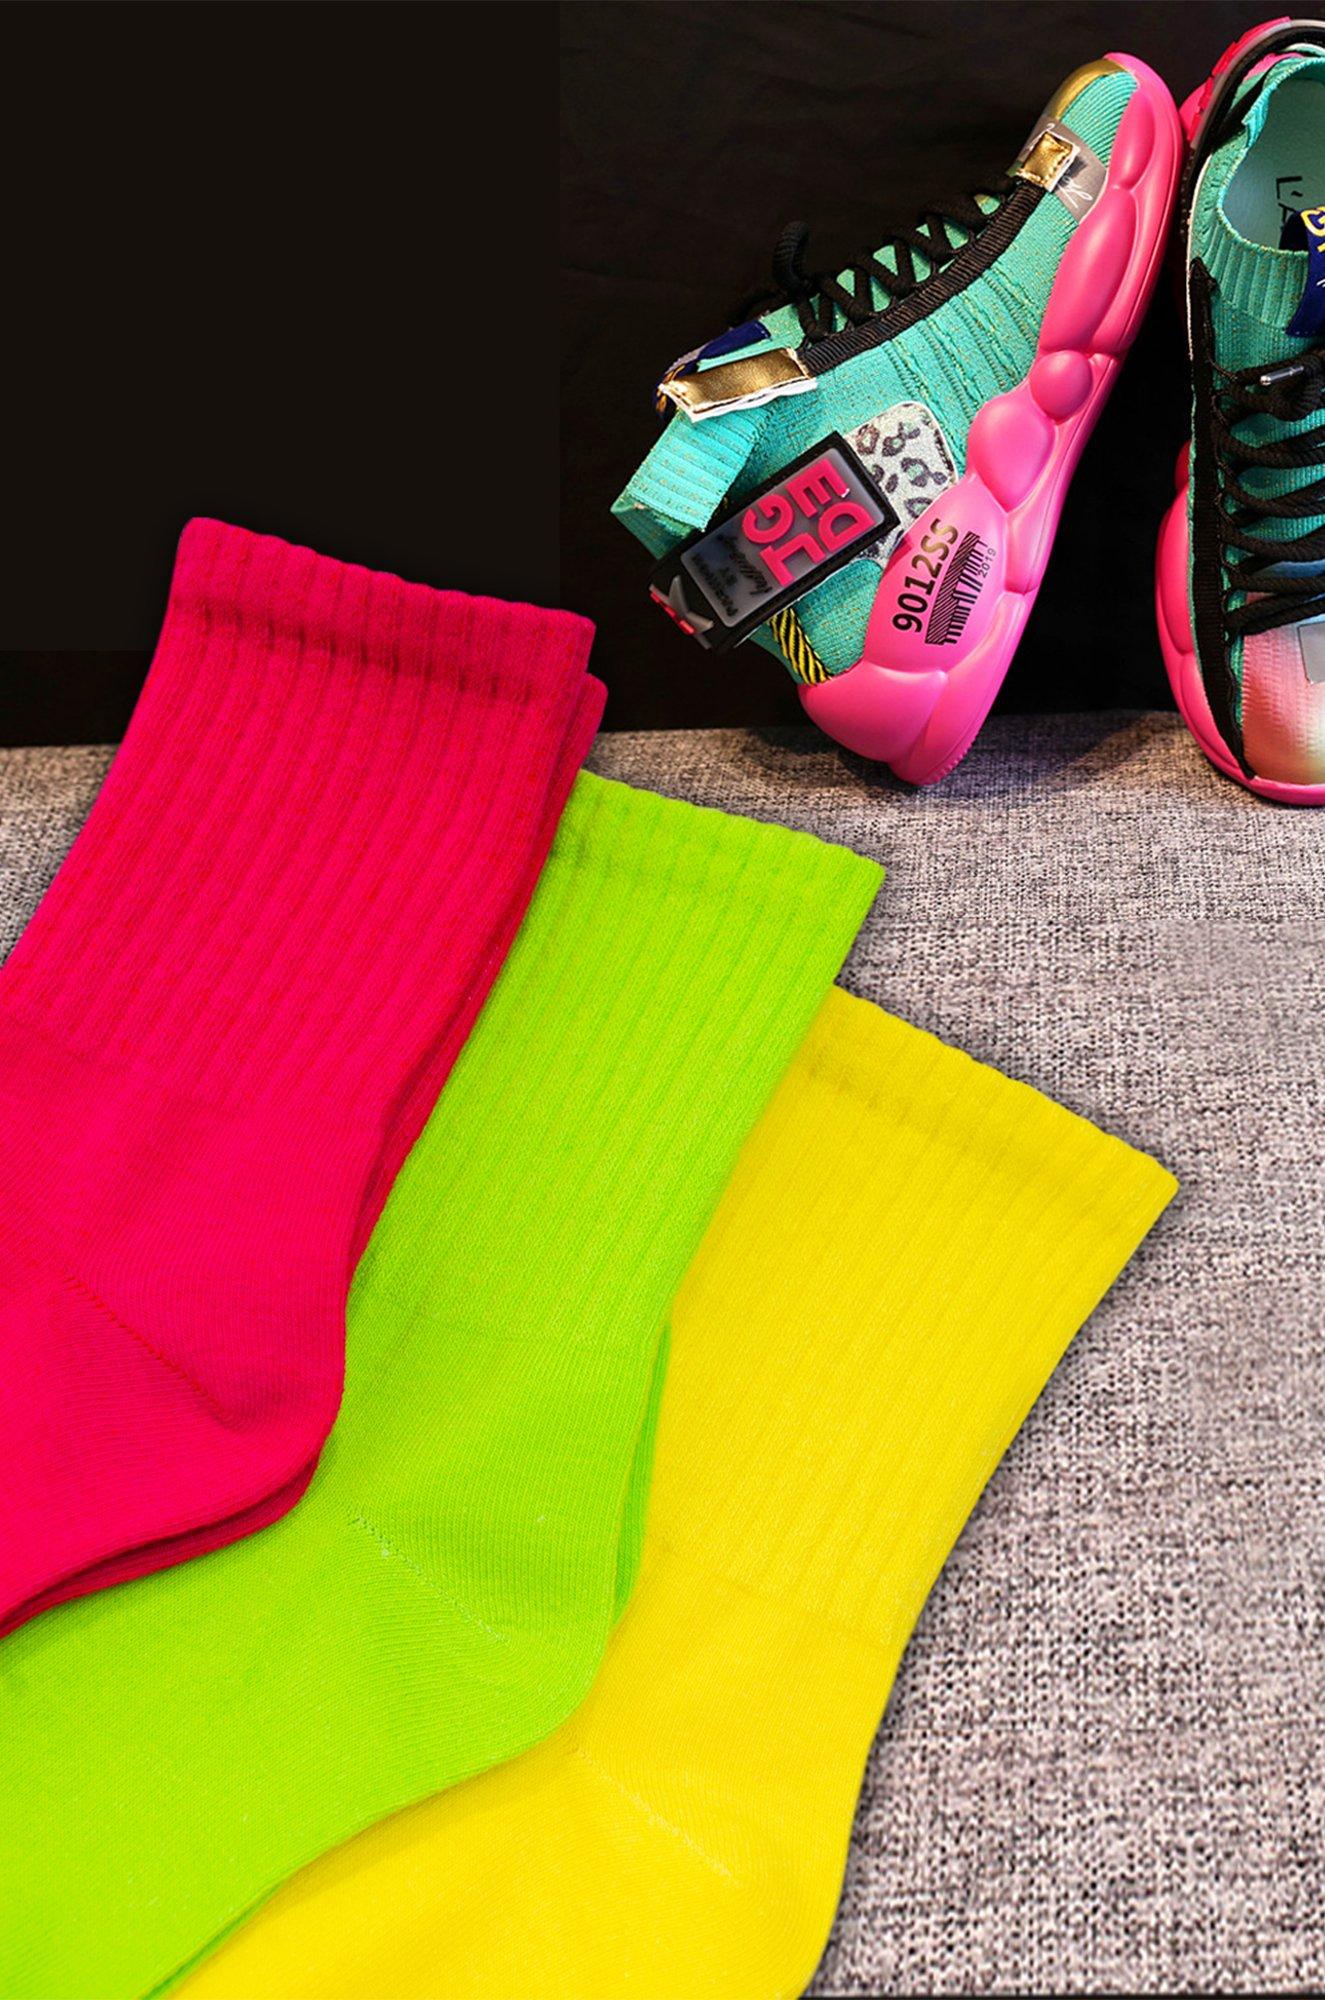 Berchelli, Ультрастильные женские носки в модных неоновых расцветках, 3 пары NT63558 (6636028)